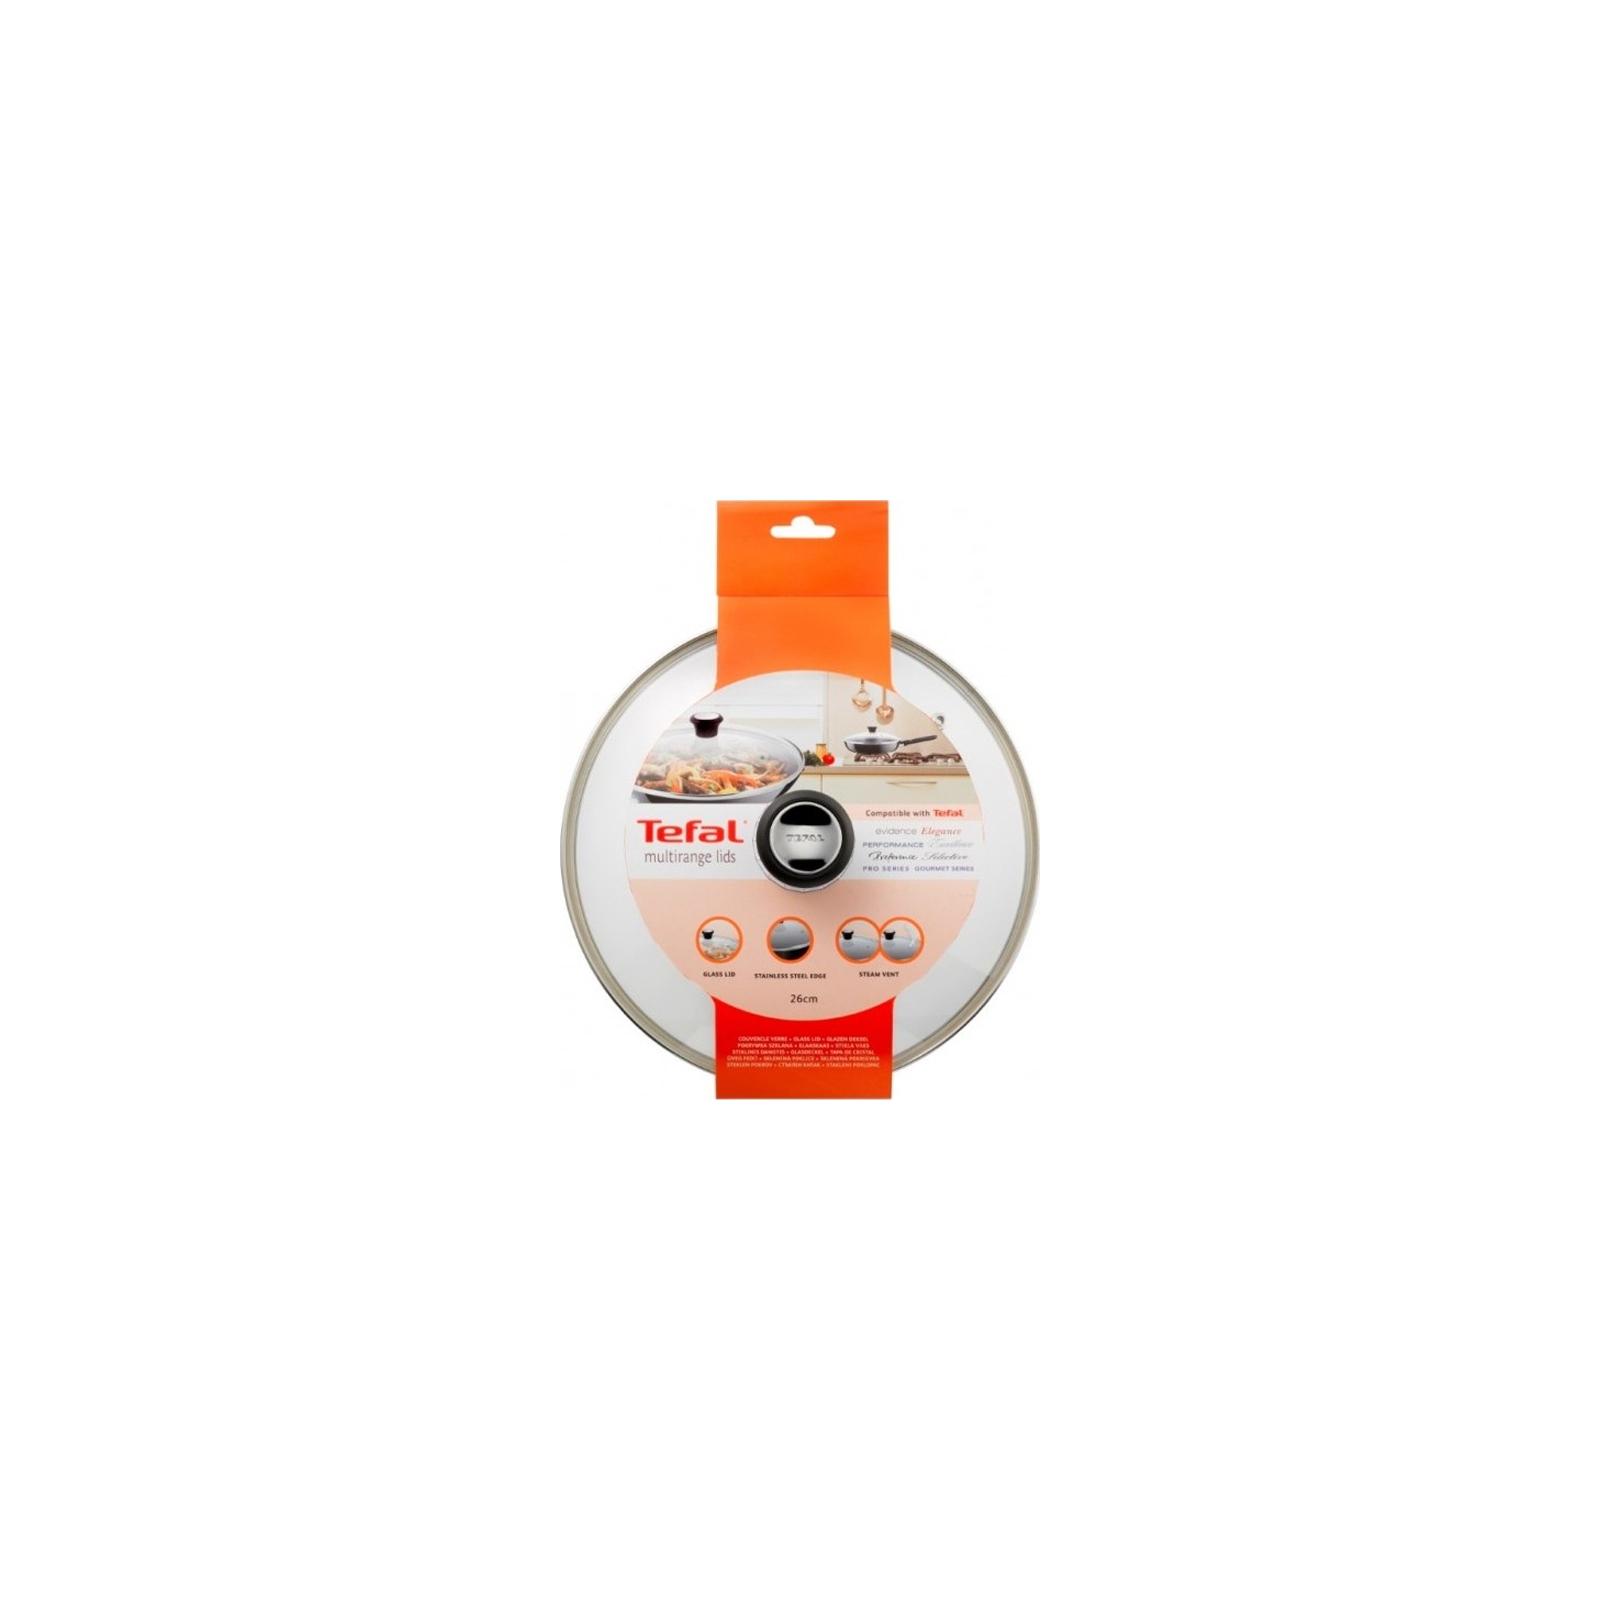 Крышка для посуды Tefal Glass bulbous 24 см (28097512) изображение 4